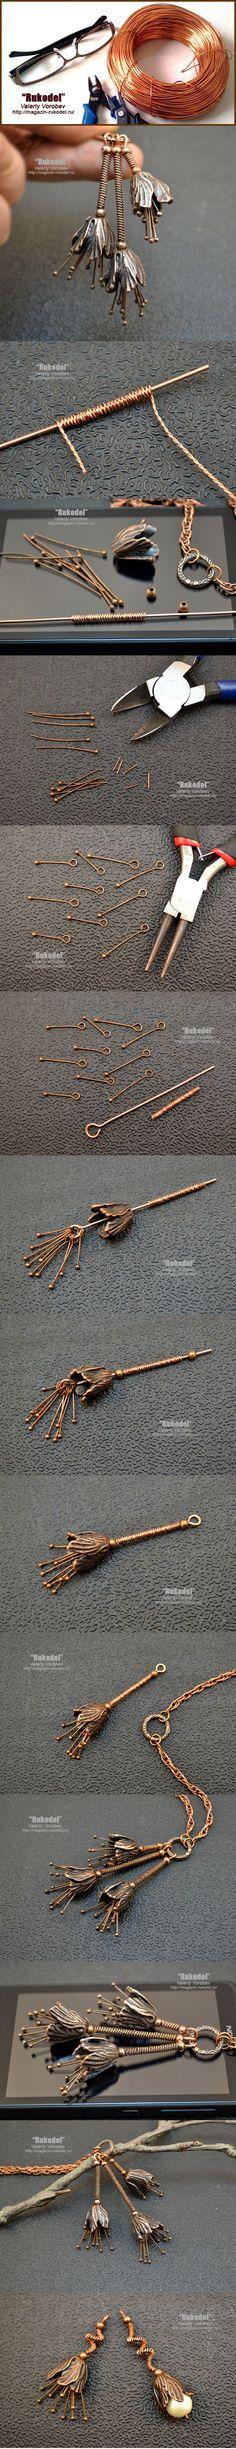 Handmade jewelry with tulip style bead caps